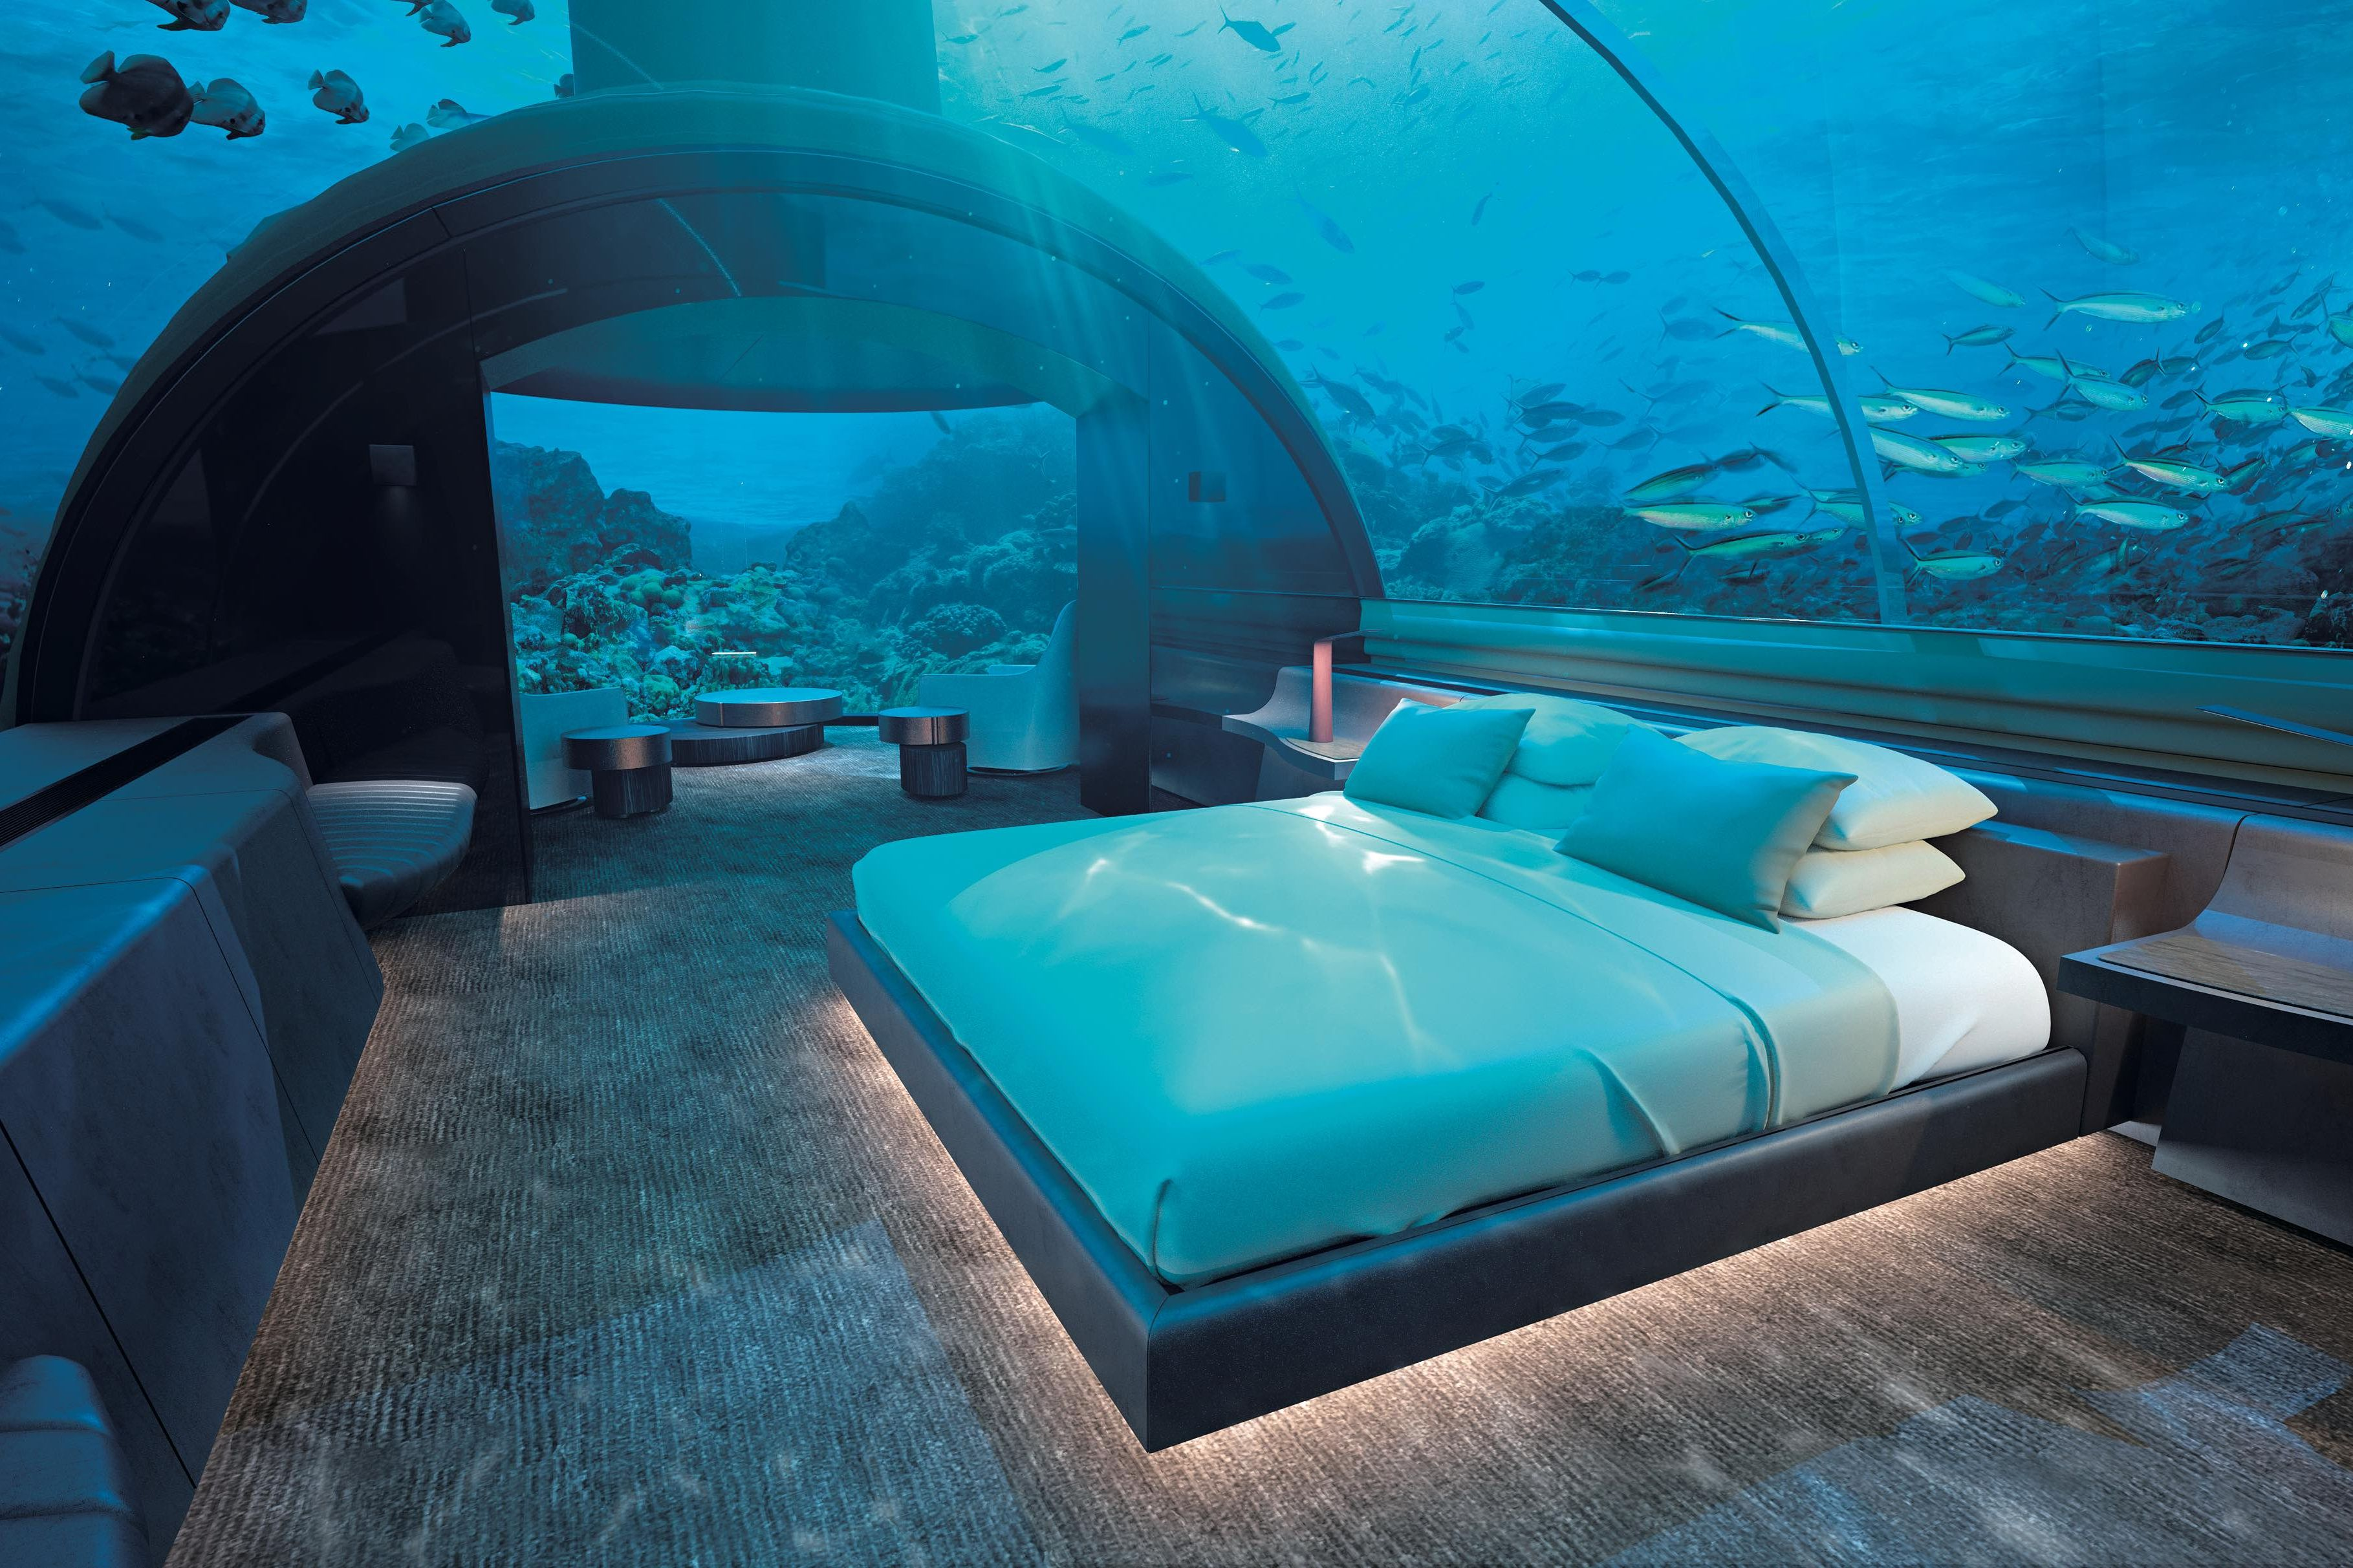 絶景 ホテル 世界 リゾート ハネムーン コンラッド・モルディブ